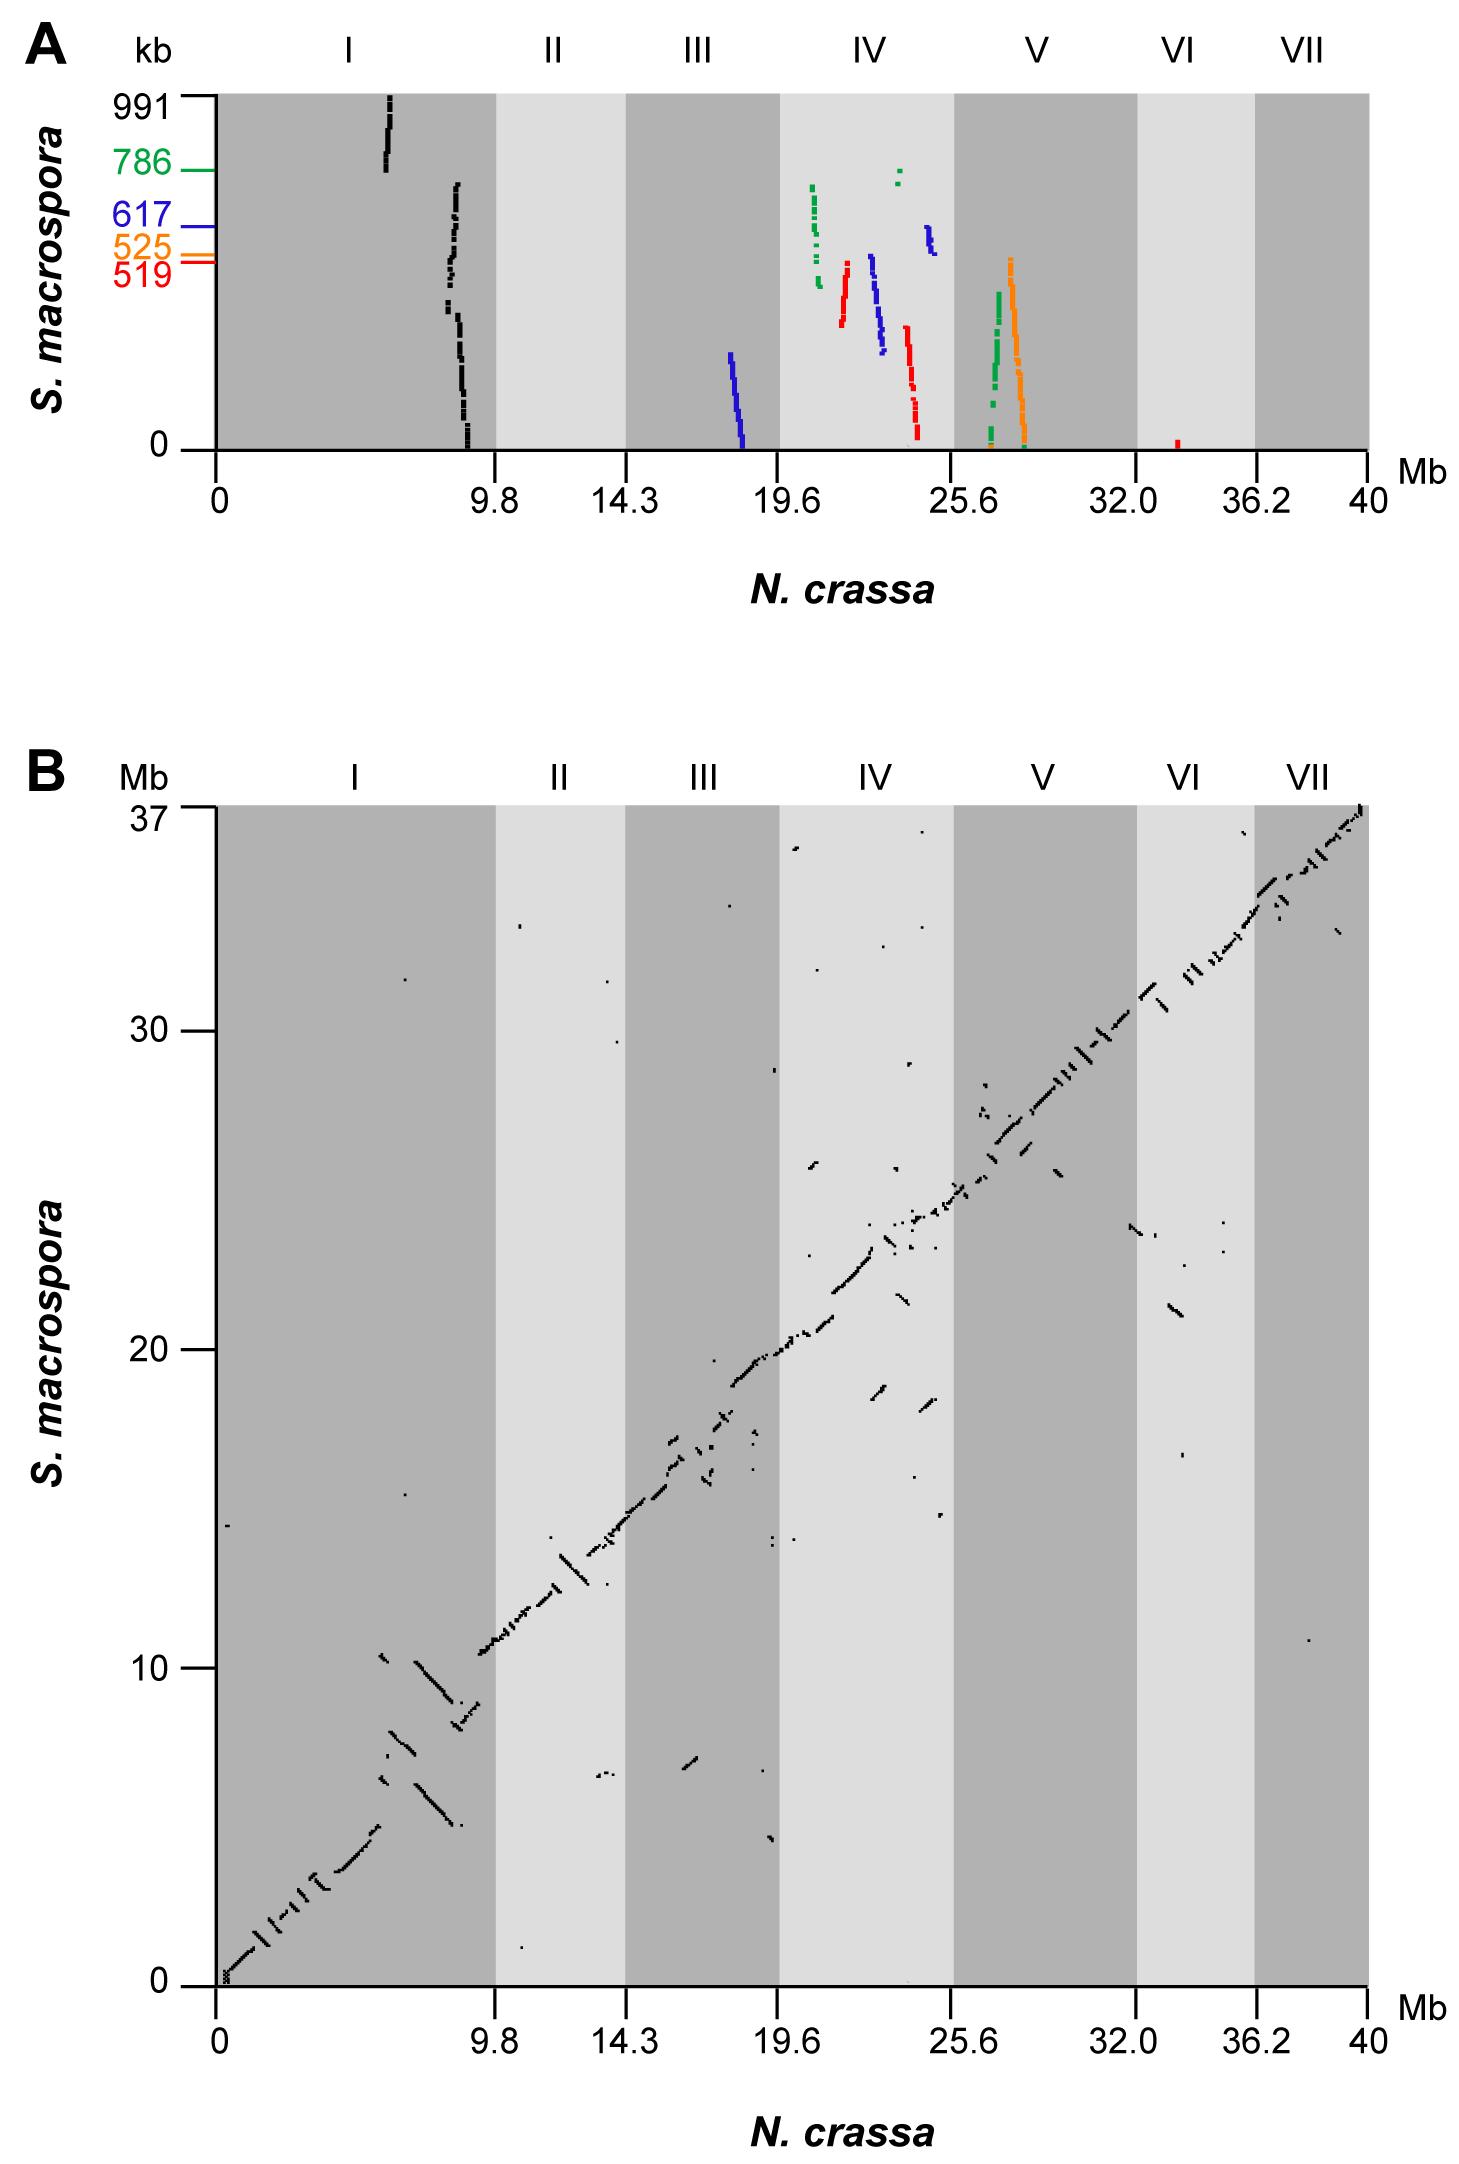 Synteny between the genomes of <i>S. macrospora</i> and <i>N. crassa</i>.